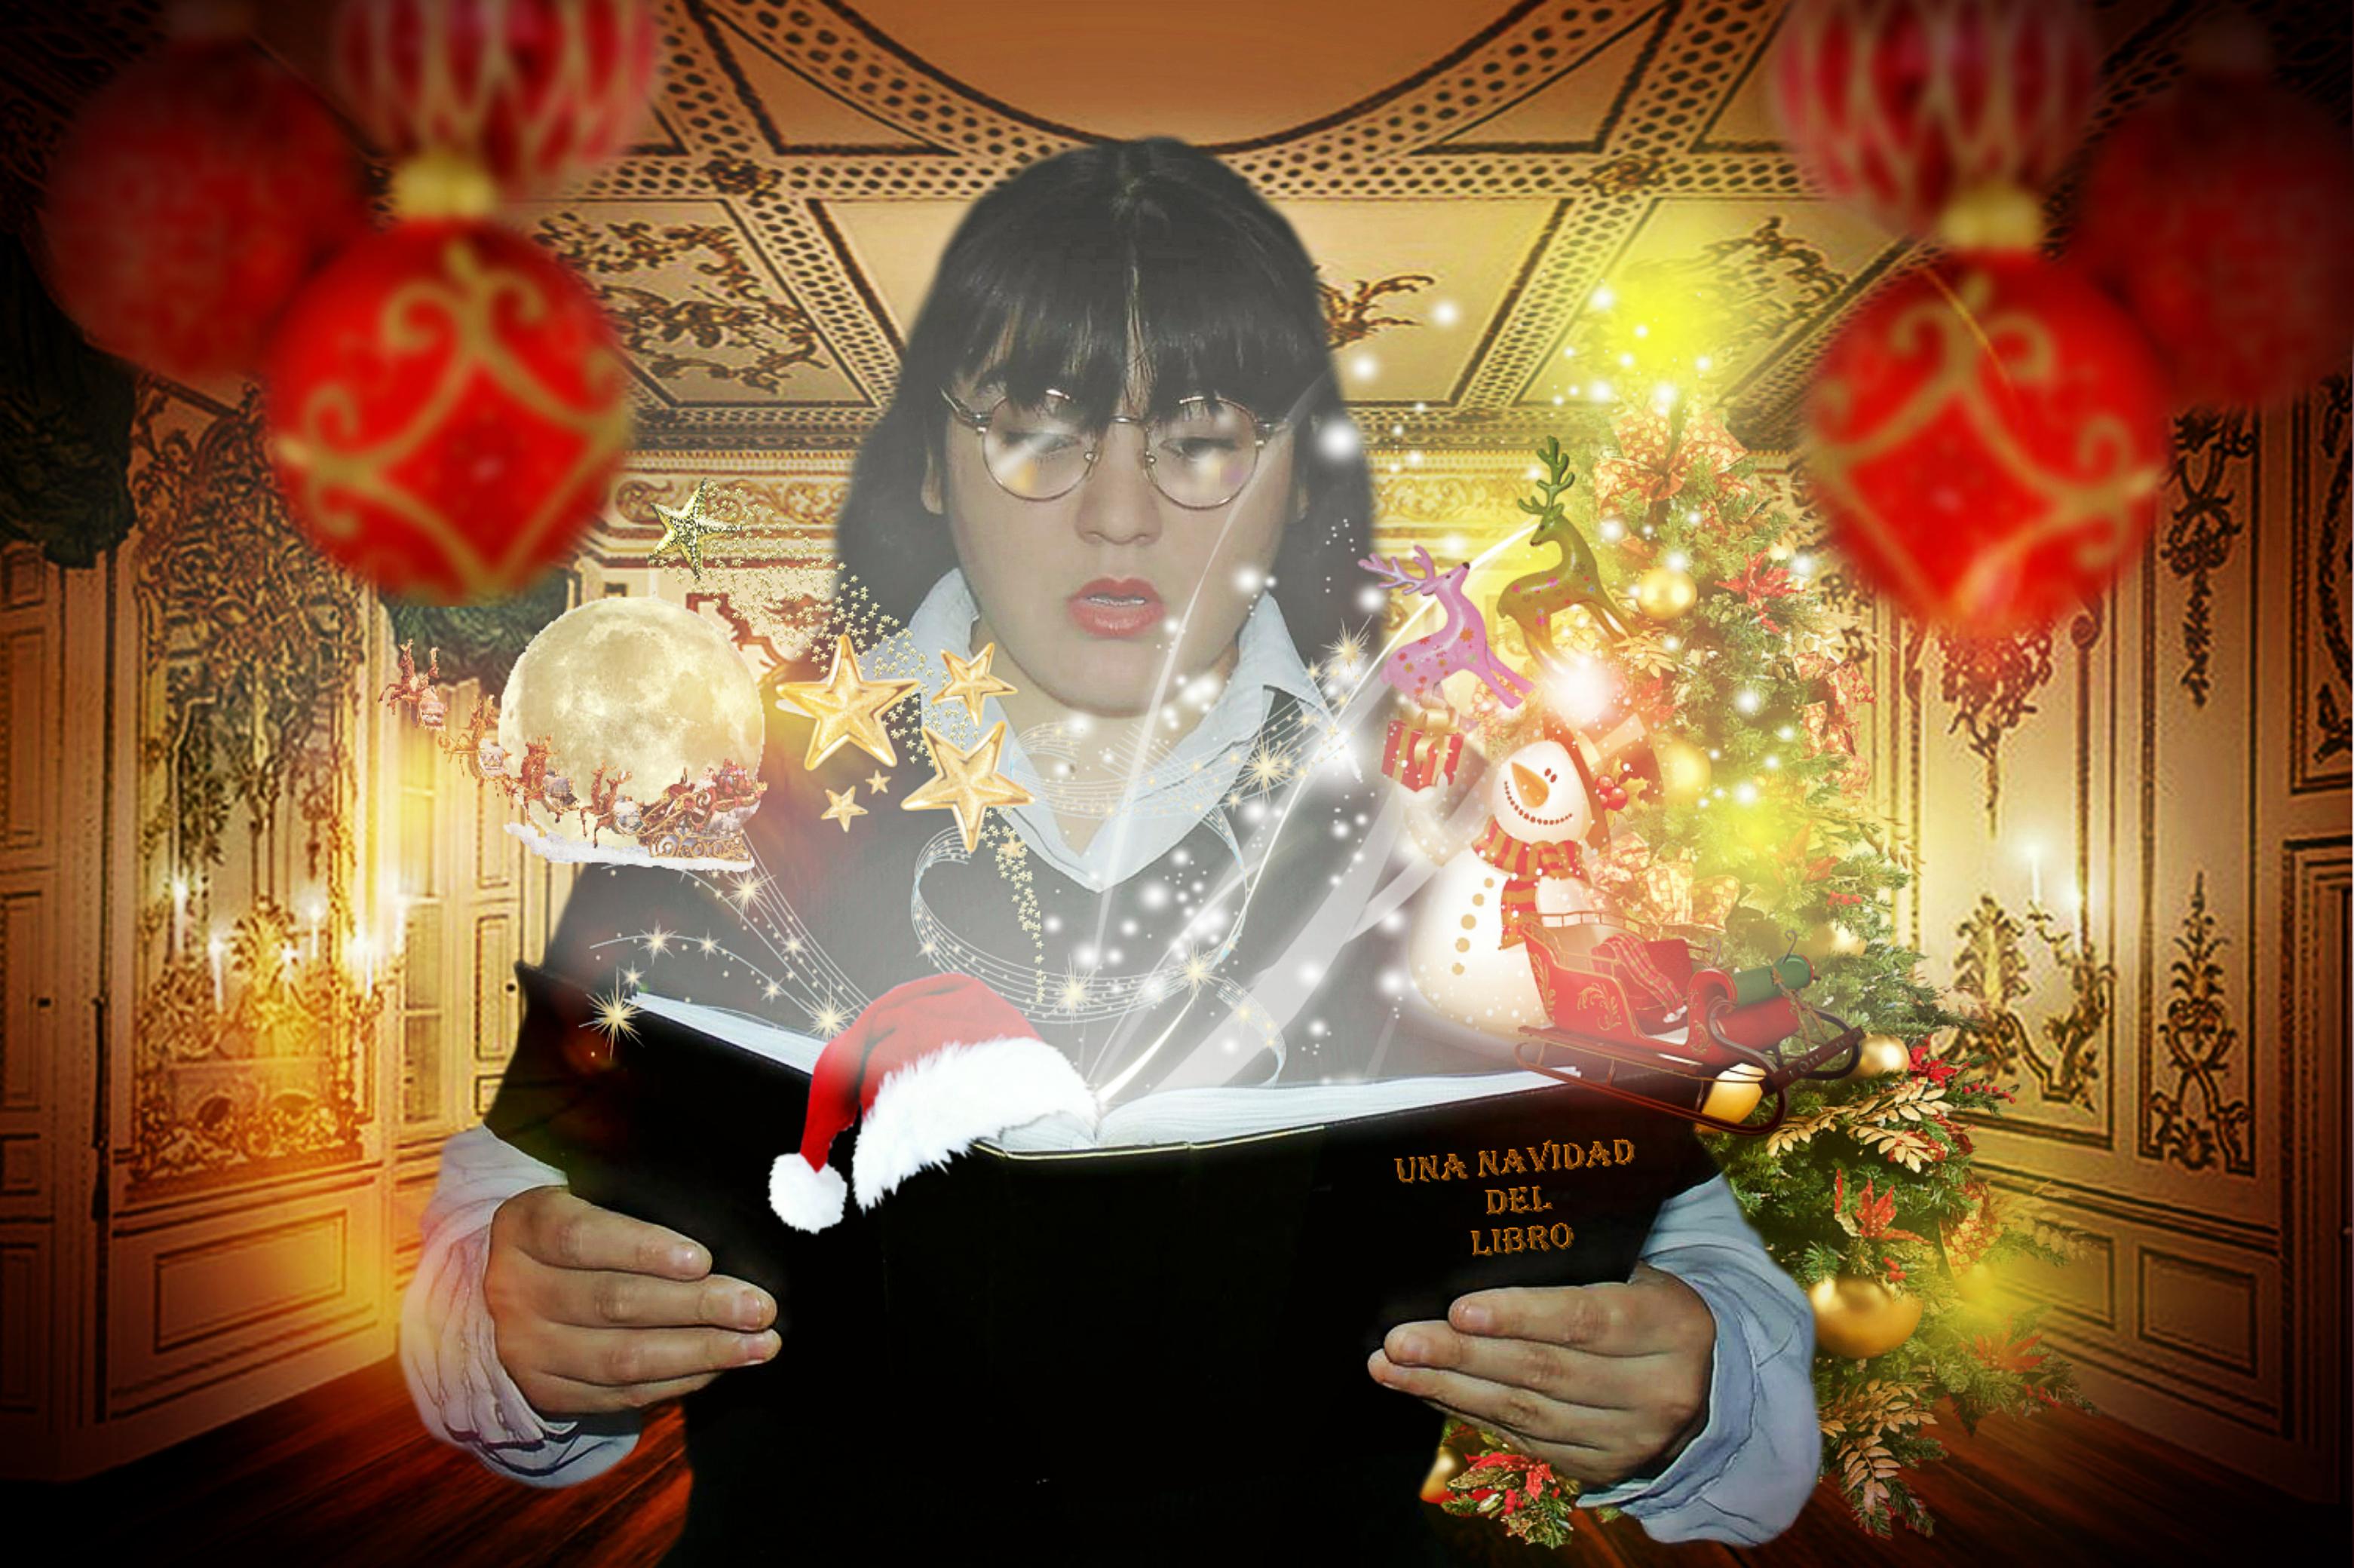 La magia de Navidad by nayareth